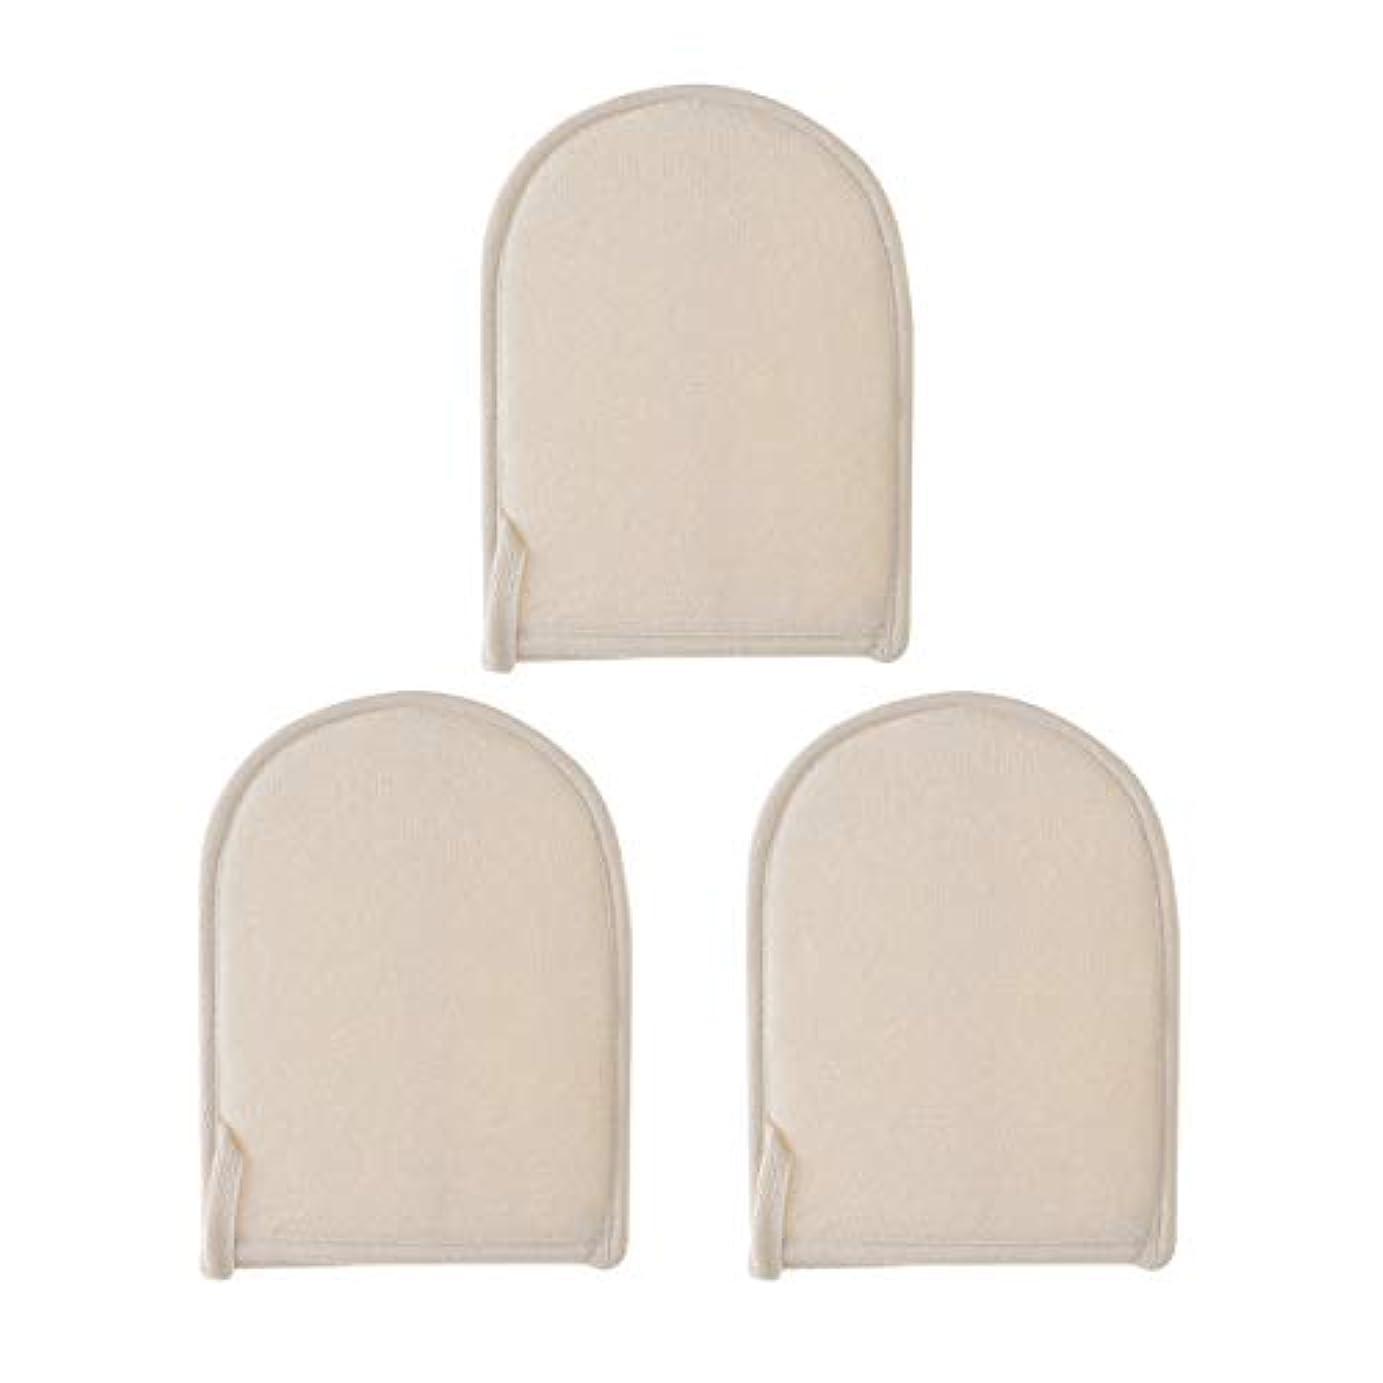 リーフレット思春期五HEALLILY Loofah手袋ソフトスポンジスクラバーシャワークリーニング用手袋指なし3本